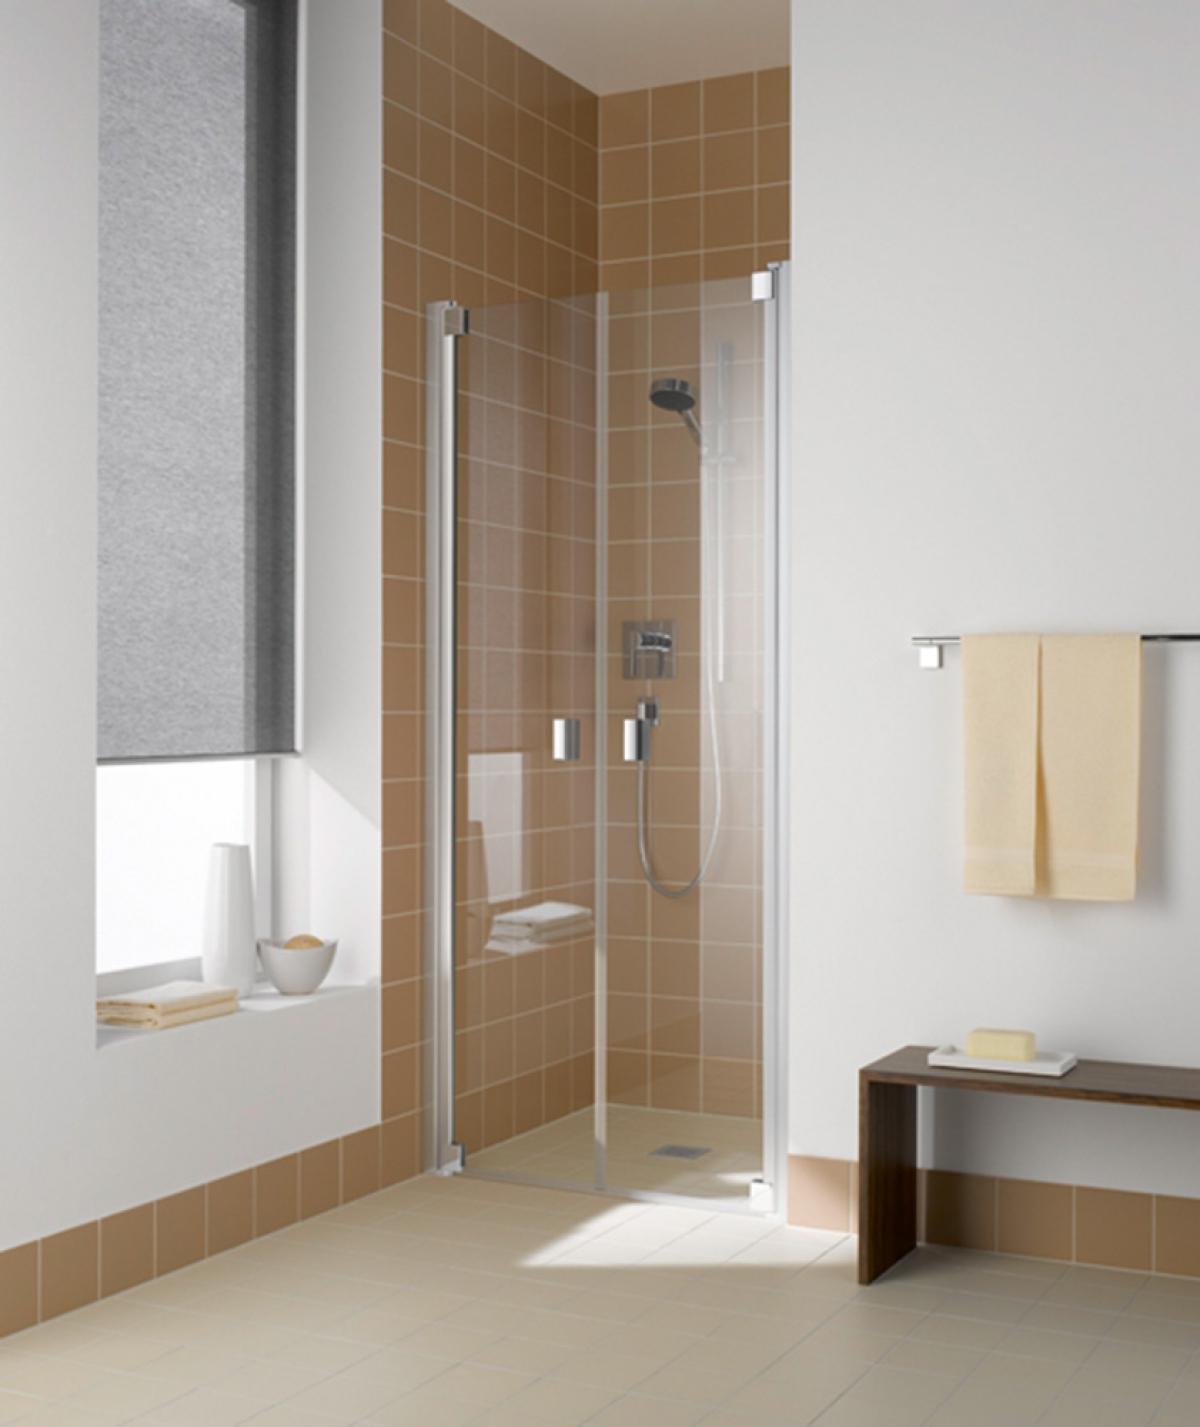 porte deux battants de douche raya kermi induscabel salle de bains chauffage et cuisine. Black Bedroom Furniture Sets. Home Design Ideas